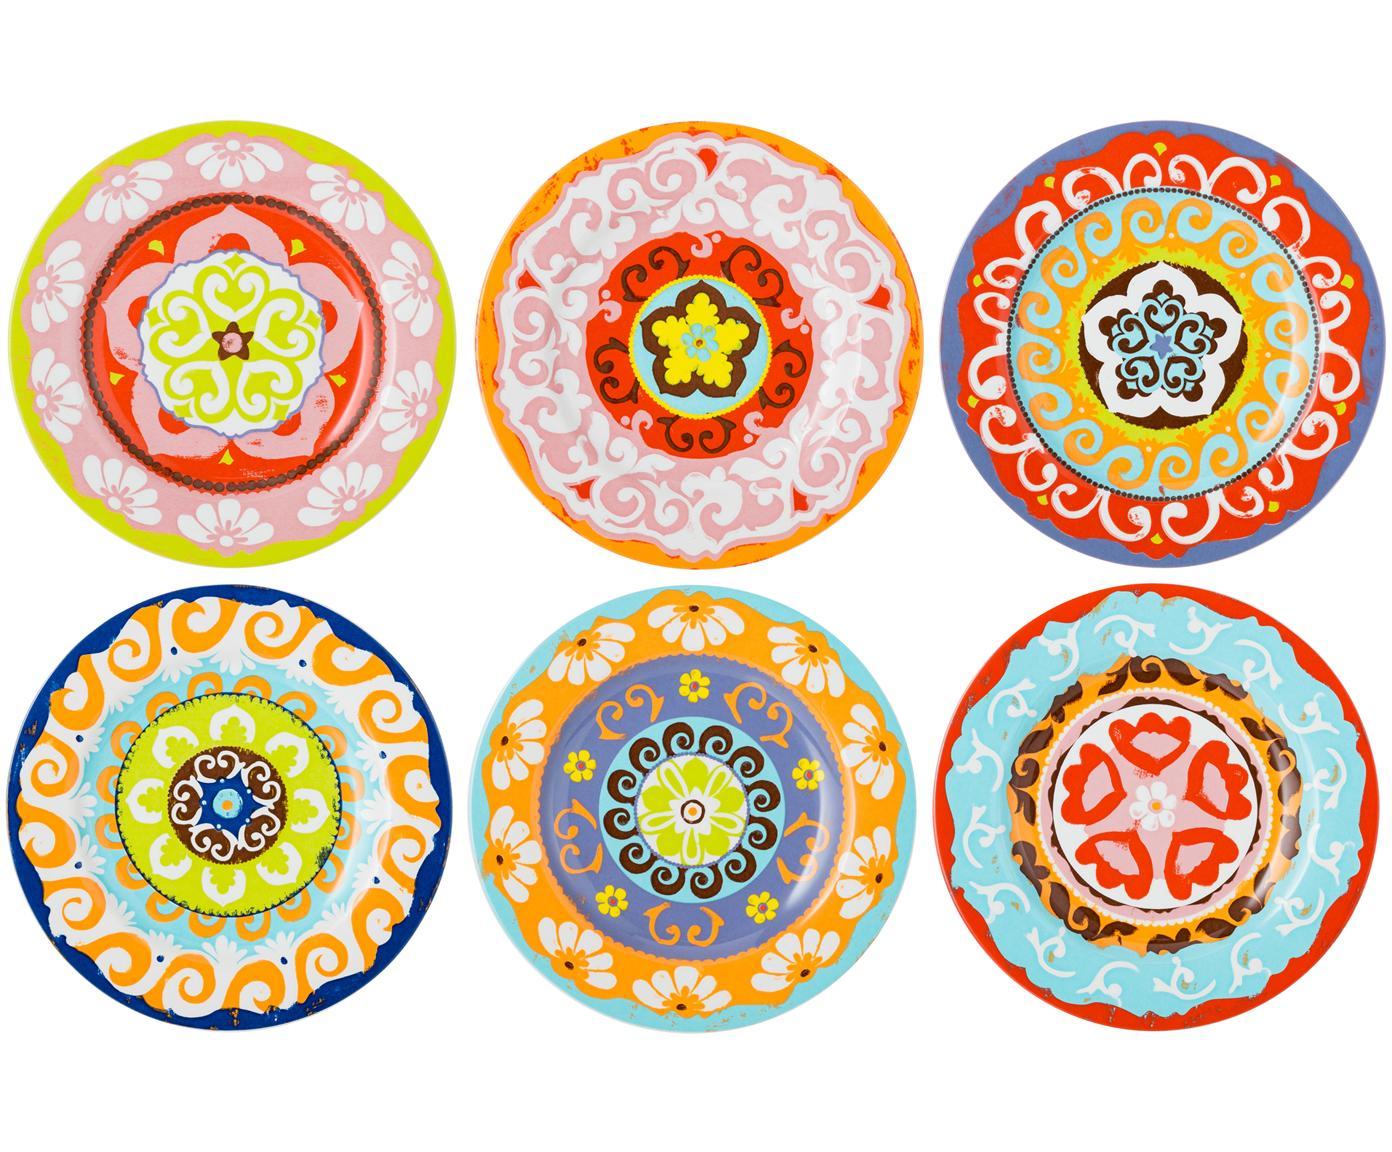 Platos postre Nador, 6uds., Gres, Multicolor, Ø 21 cm